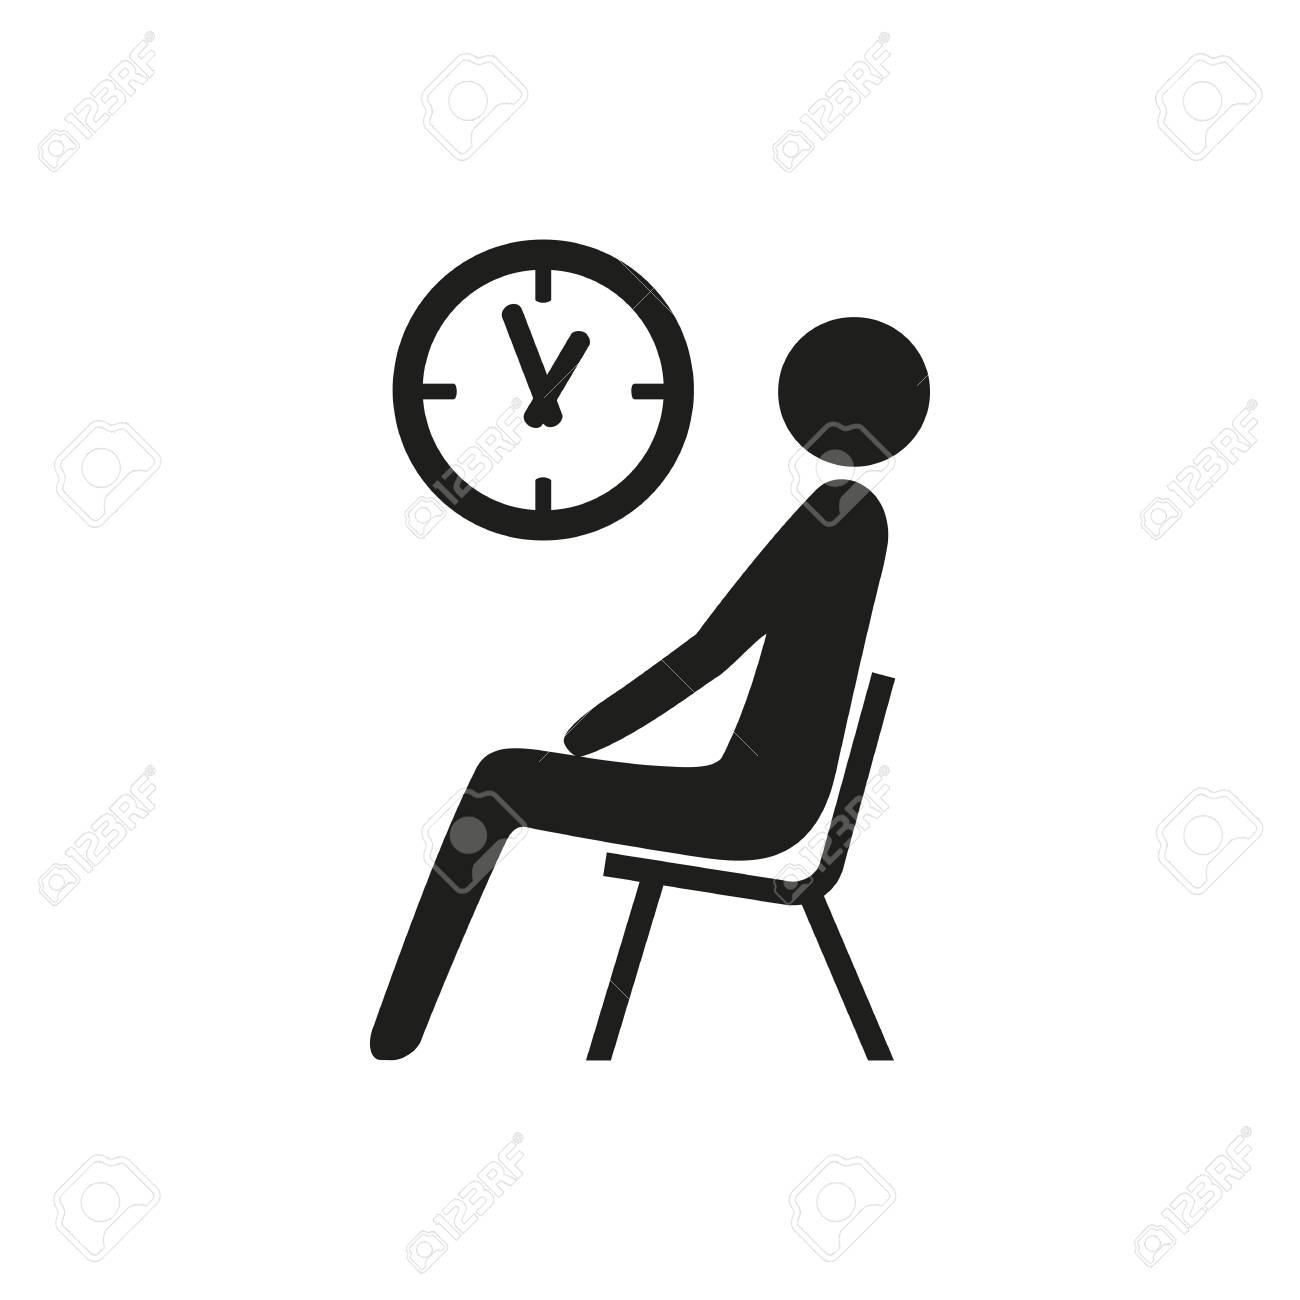 Icono Del EsperaEntrevista De RelojConcurso Estación EstaciónSala Sentado Simple Hombre La TrabajoConcepto Debajo KF1lcJ